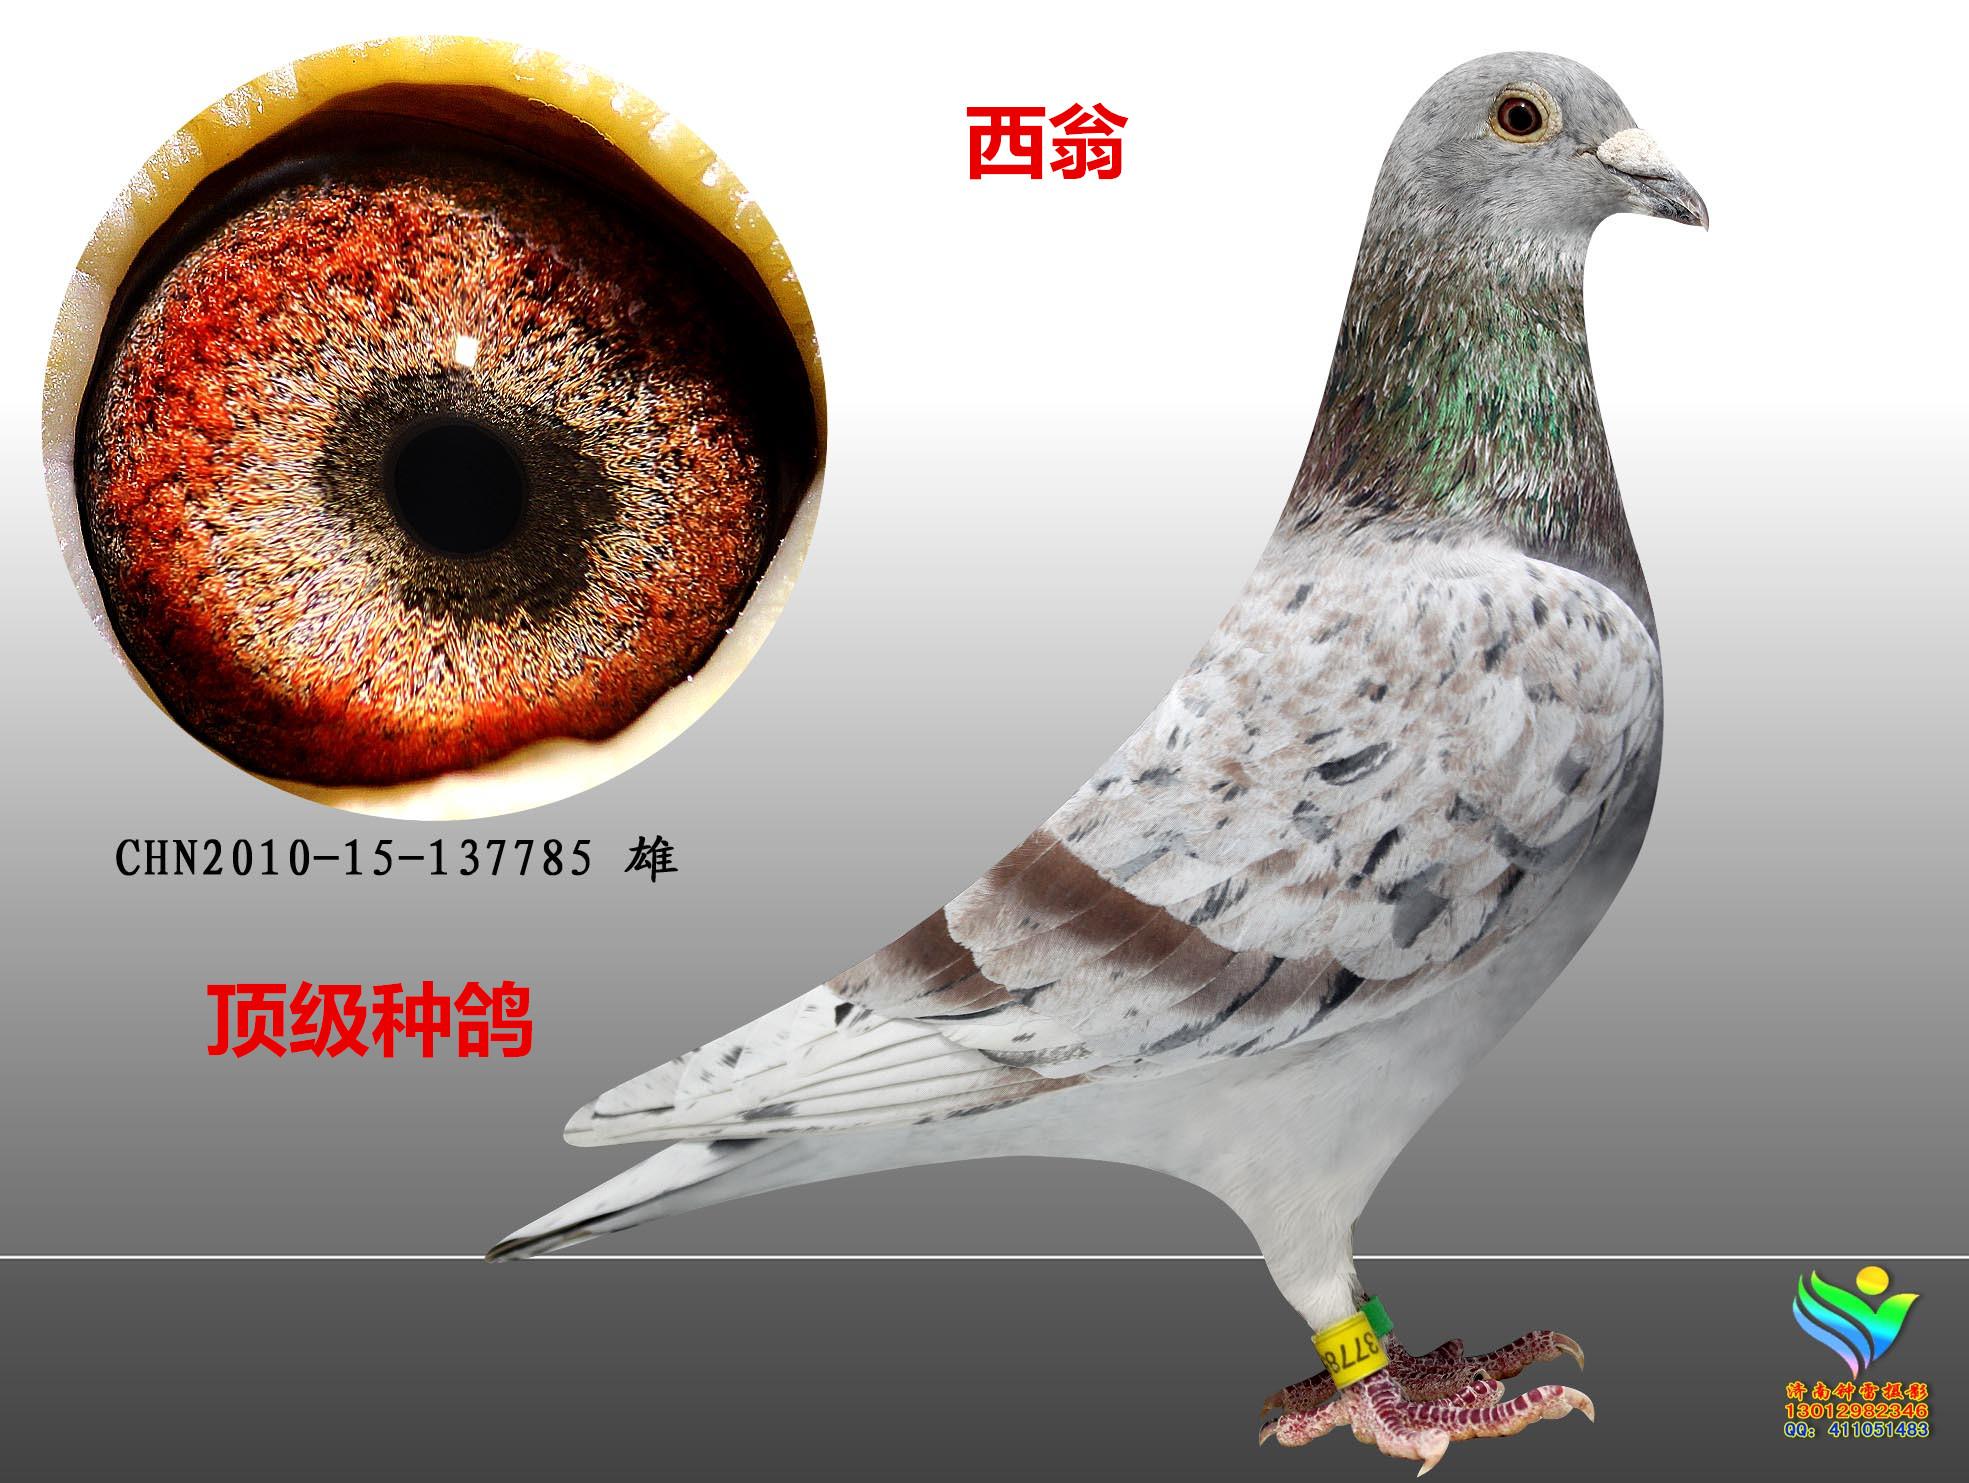 聚宝盆_大成鸽业_ ag188